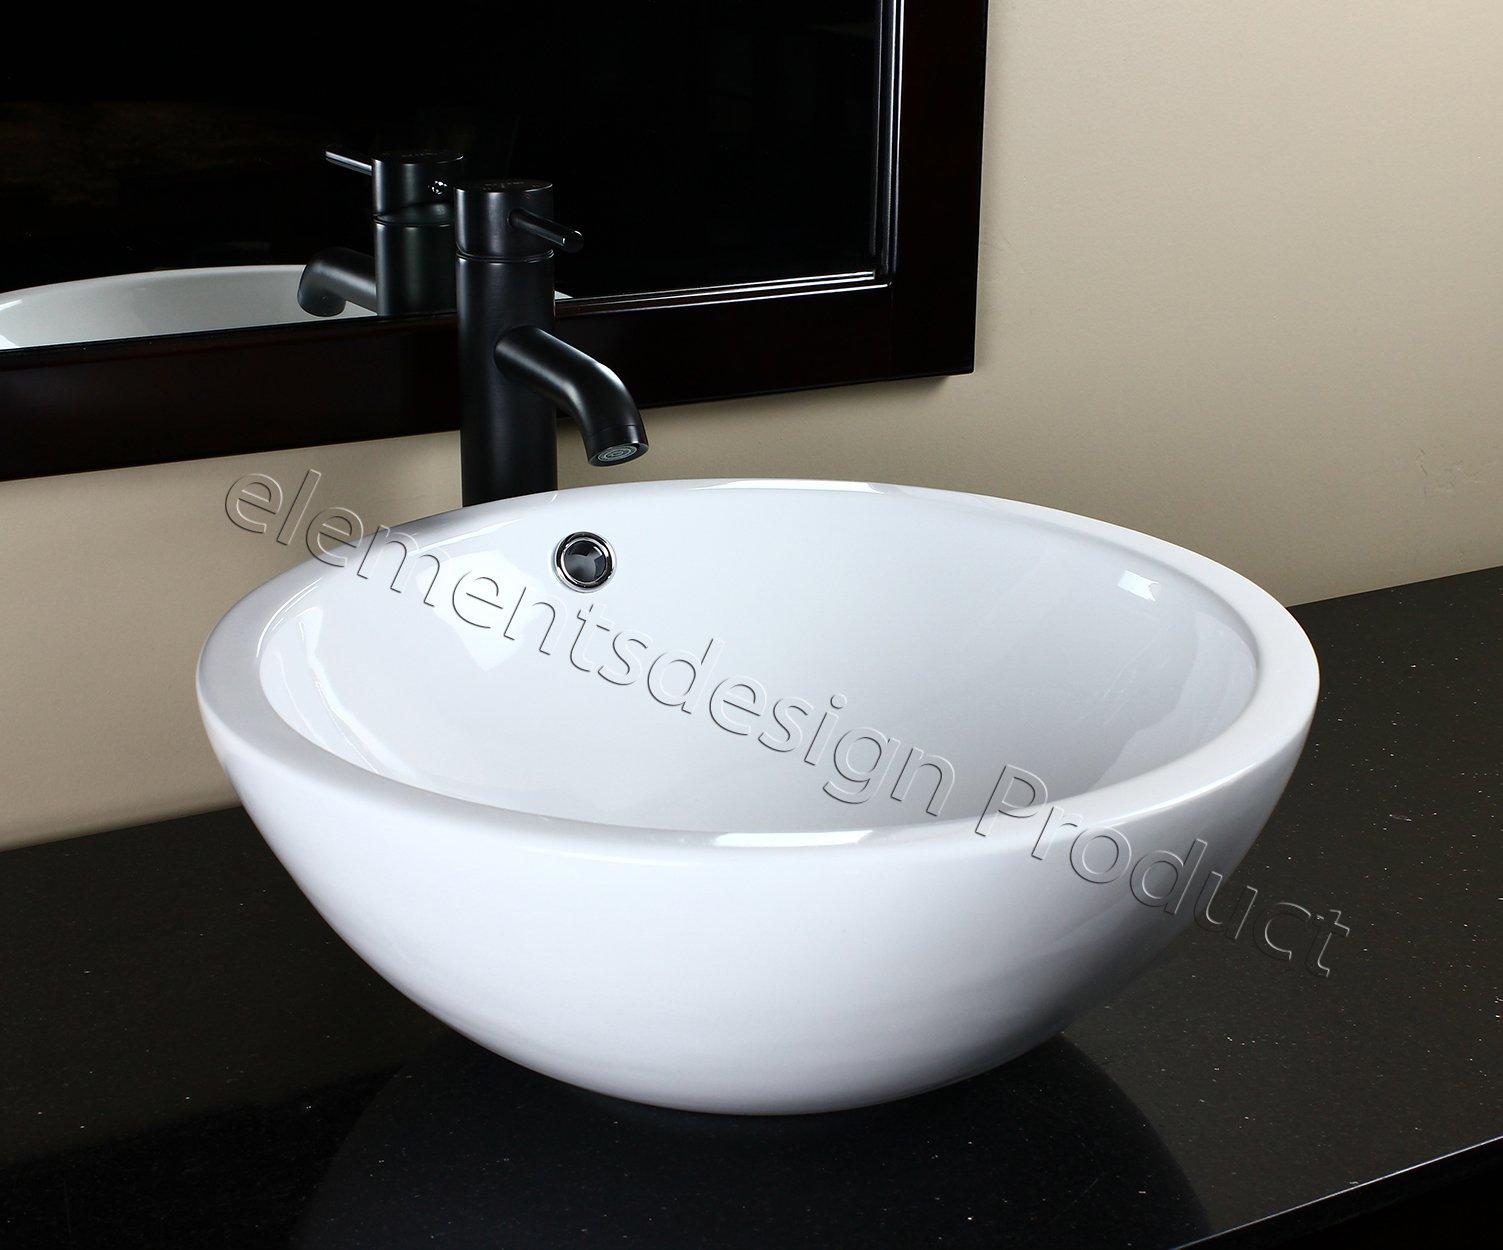 Bathroom Porcelain Ceramic Vessel Sink K96E3 Oil Rubbed Bronze Faucet Drain by ELIMAX'S